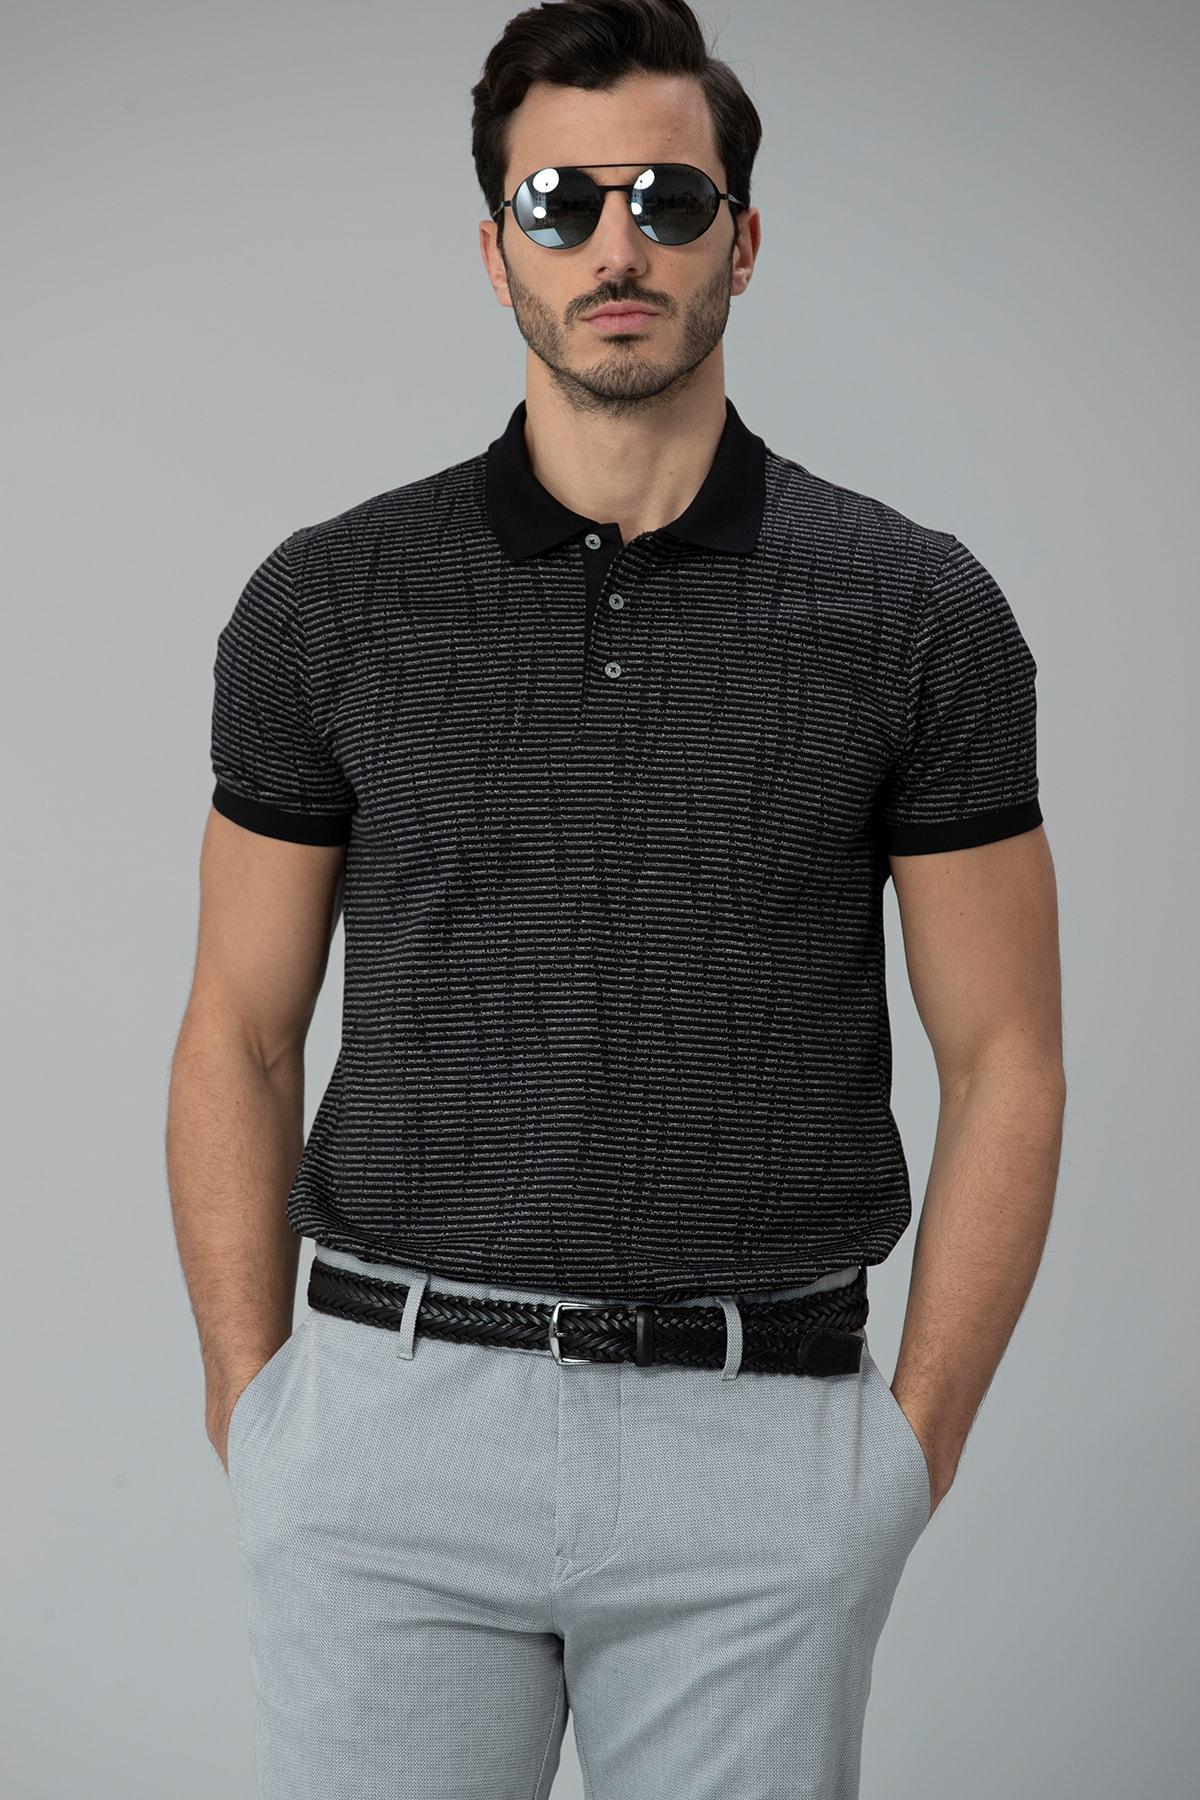 Lufian Como Spor Polo T- Shirt Siyah 0